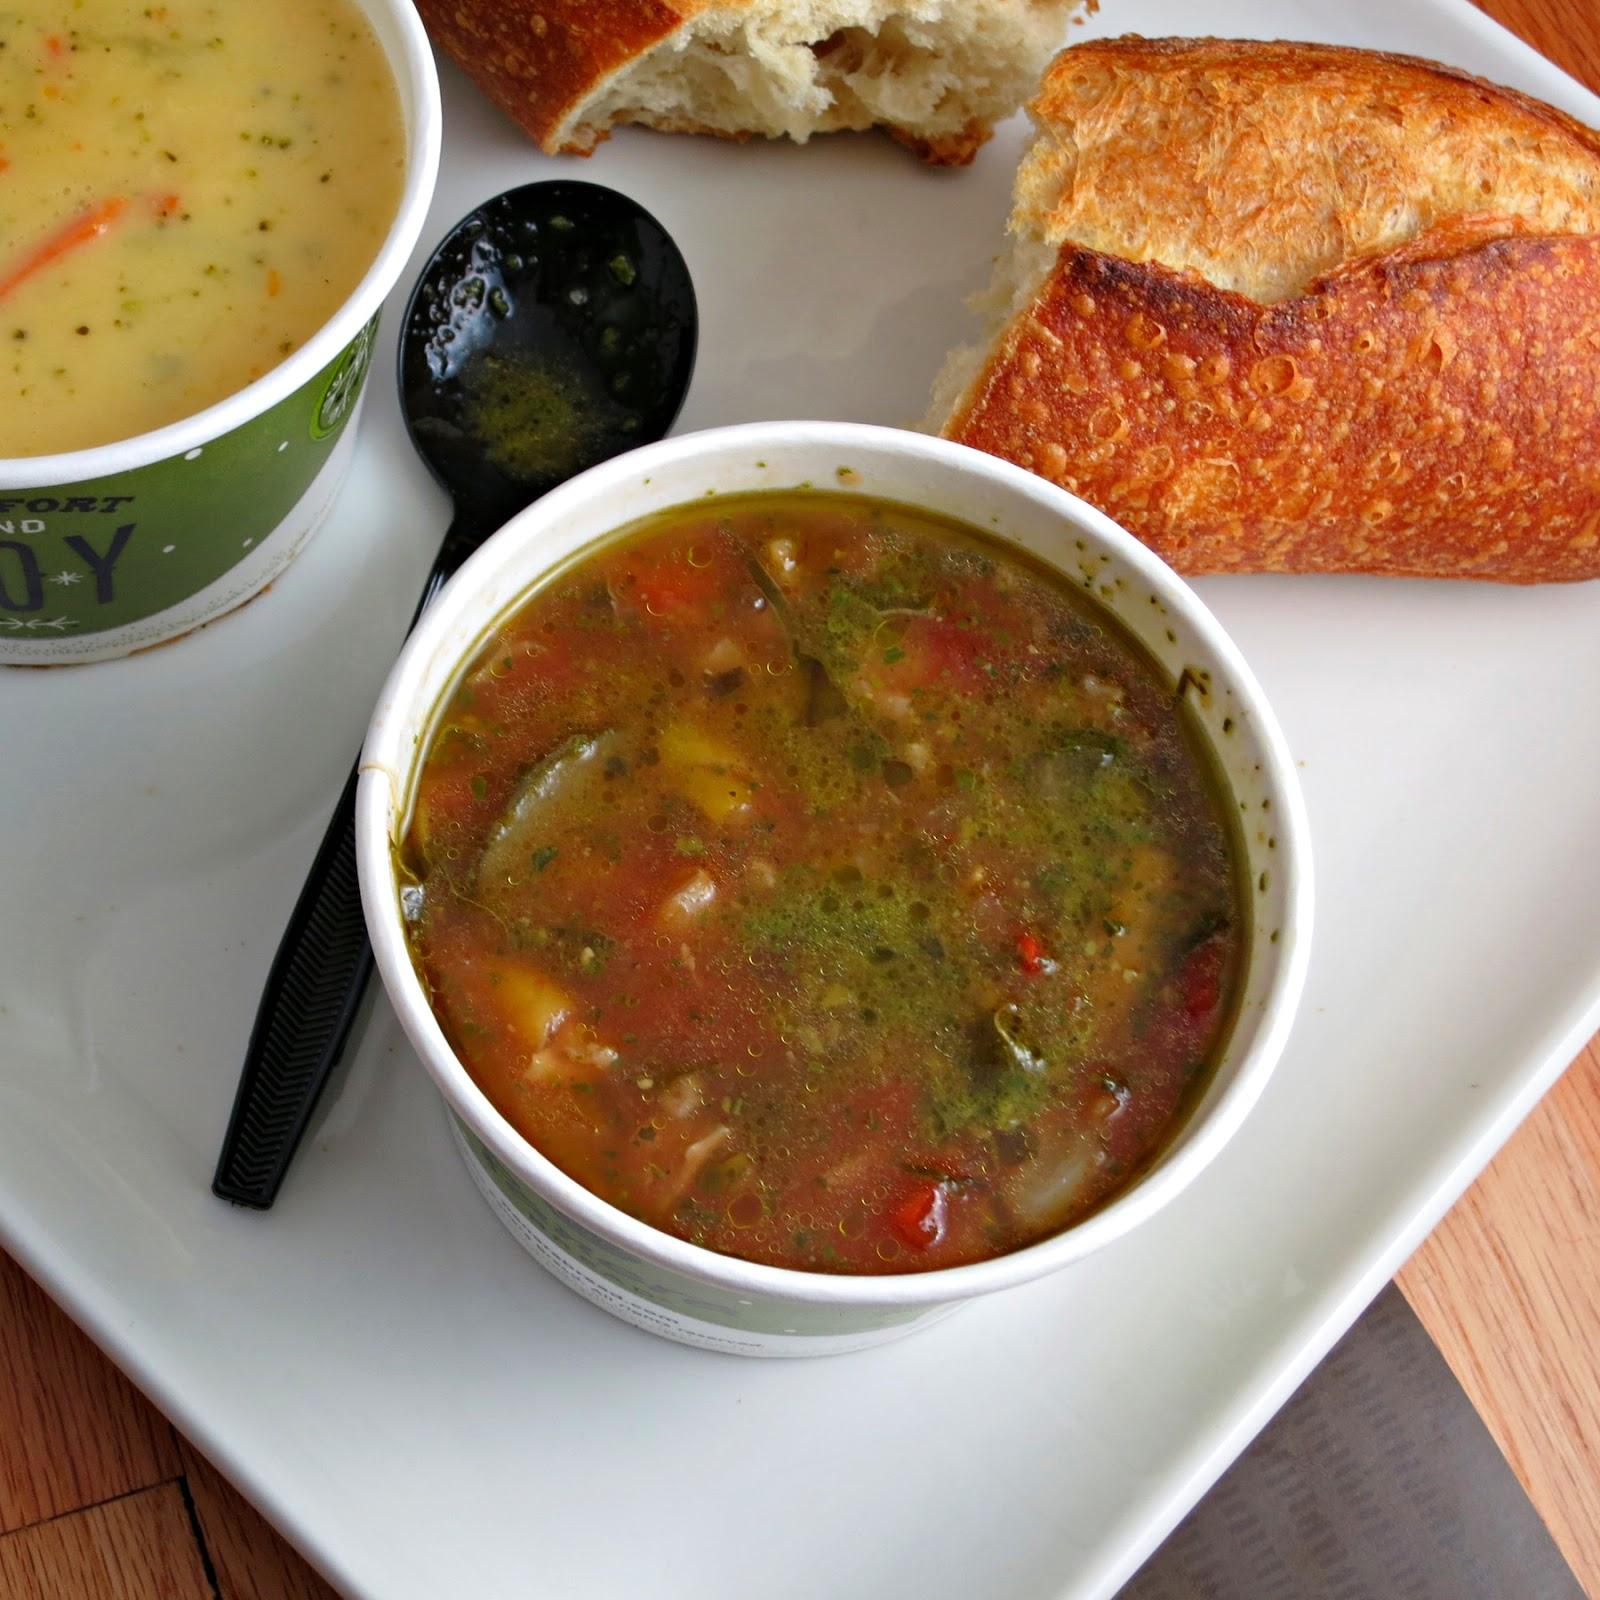 Soup 39 S On At Panera Alida 39 S Kitchen